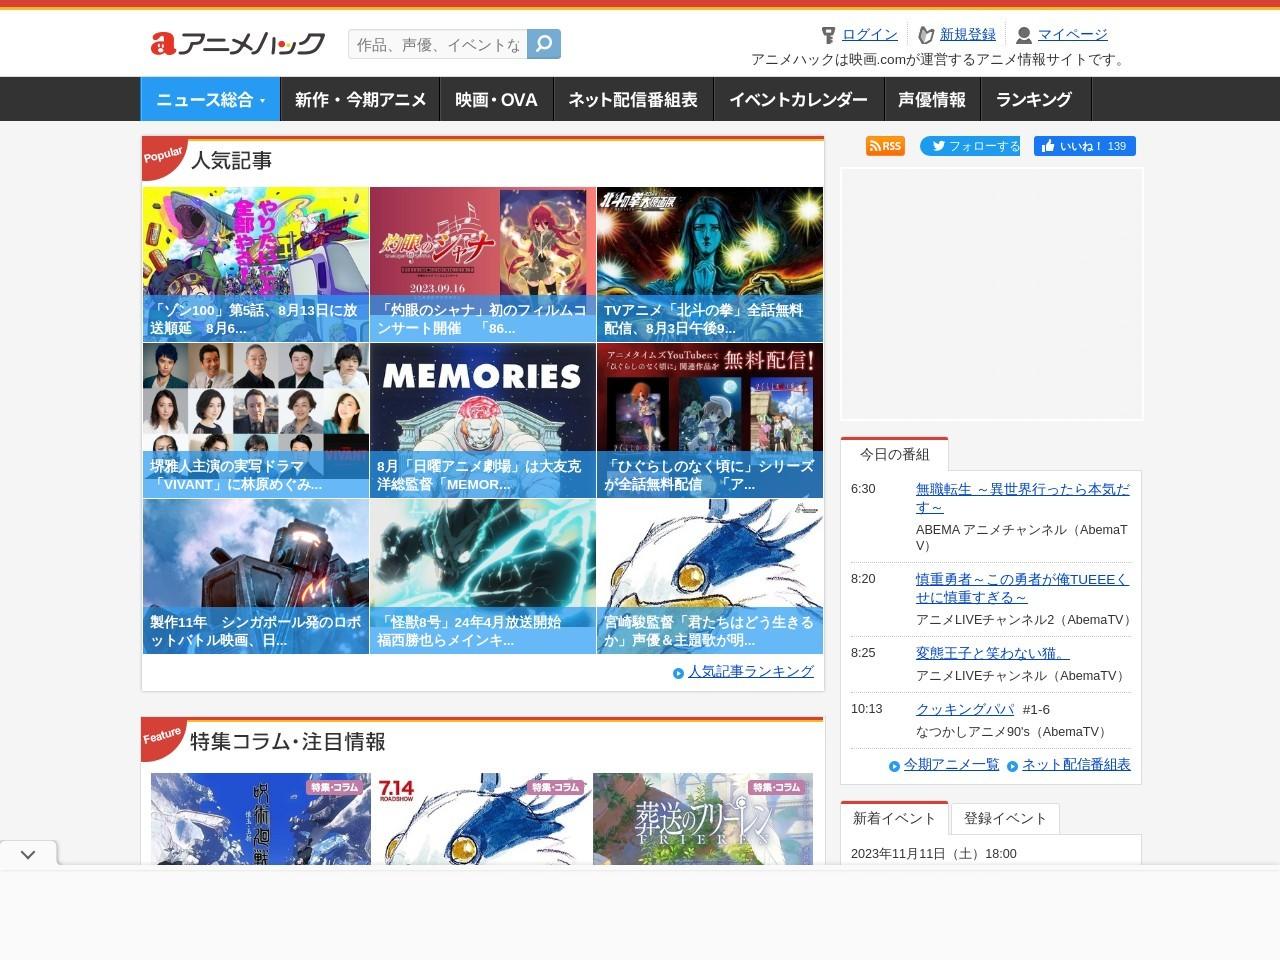 【週末アニメ映画ランキング】「空の青さを知る人よ」4位発進、「天気の子」は興収136億円突破